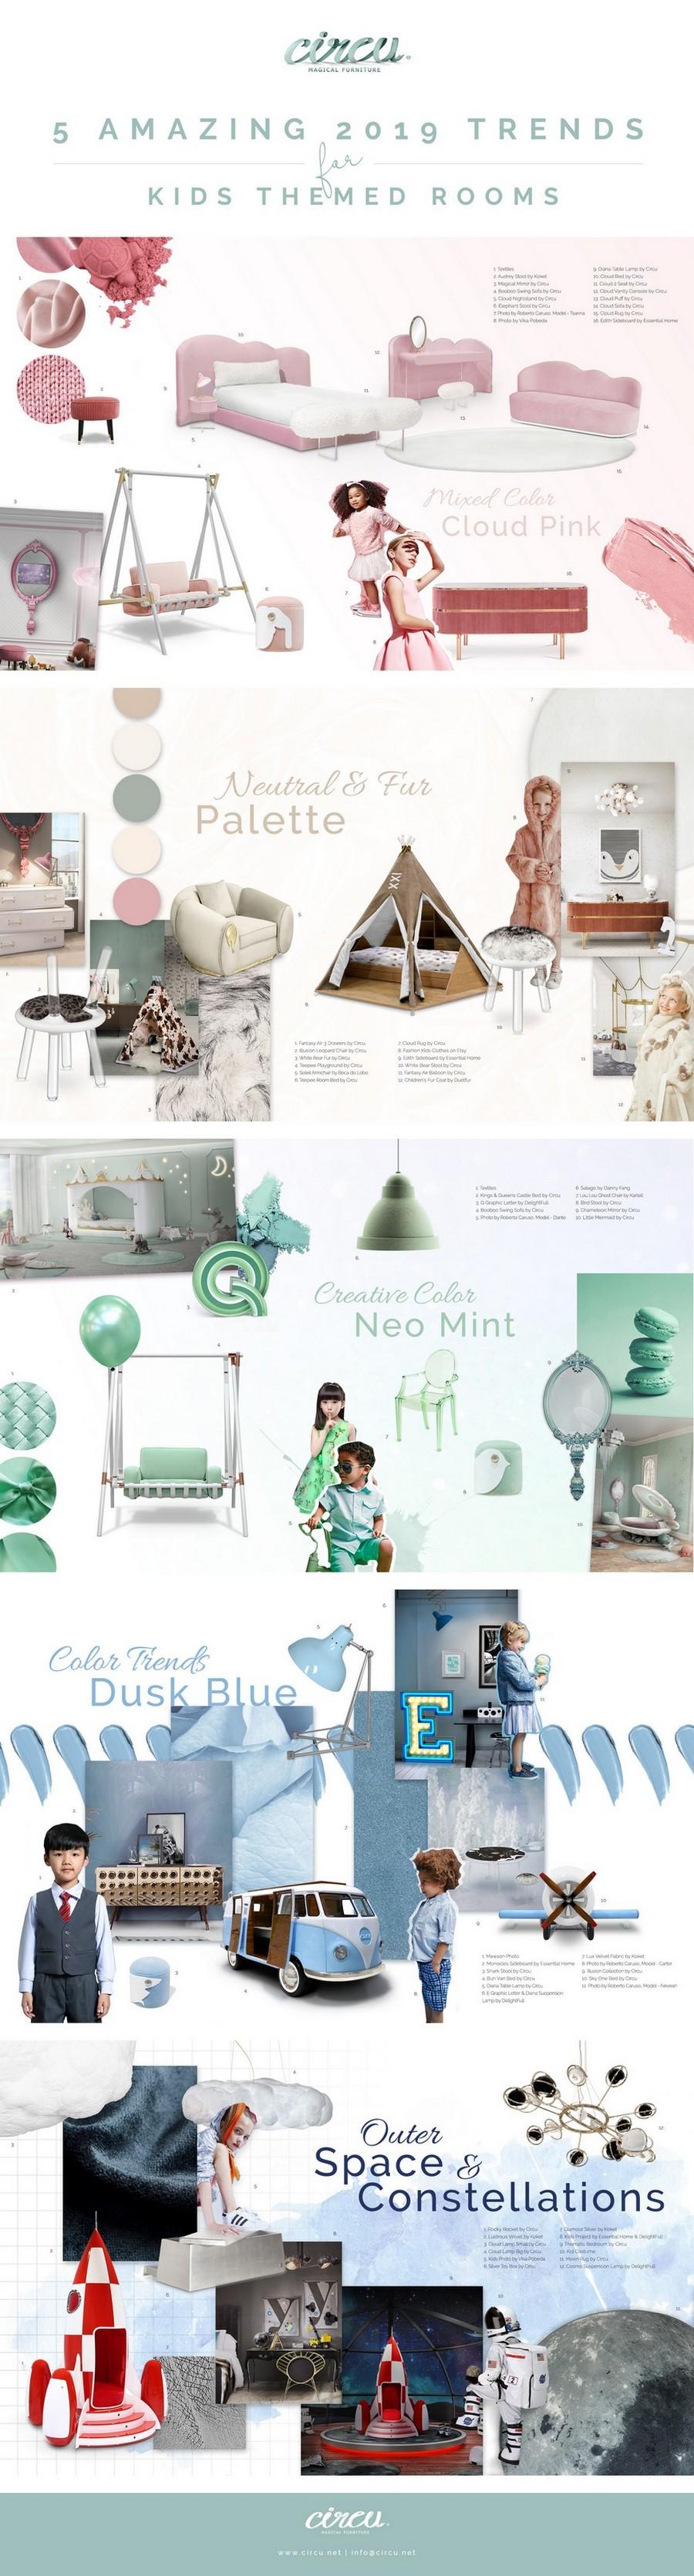 These are the Best Kids Bedroom Design Trends of 2019 kids bedroom design trends These are the Best Kids Bedroom Design Trends of 2019 Check Out the Best Kids Bedroom Trends 2019 1 2